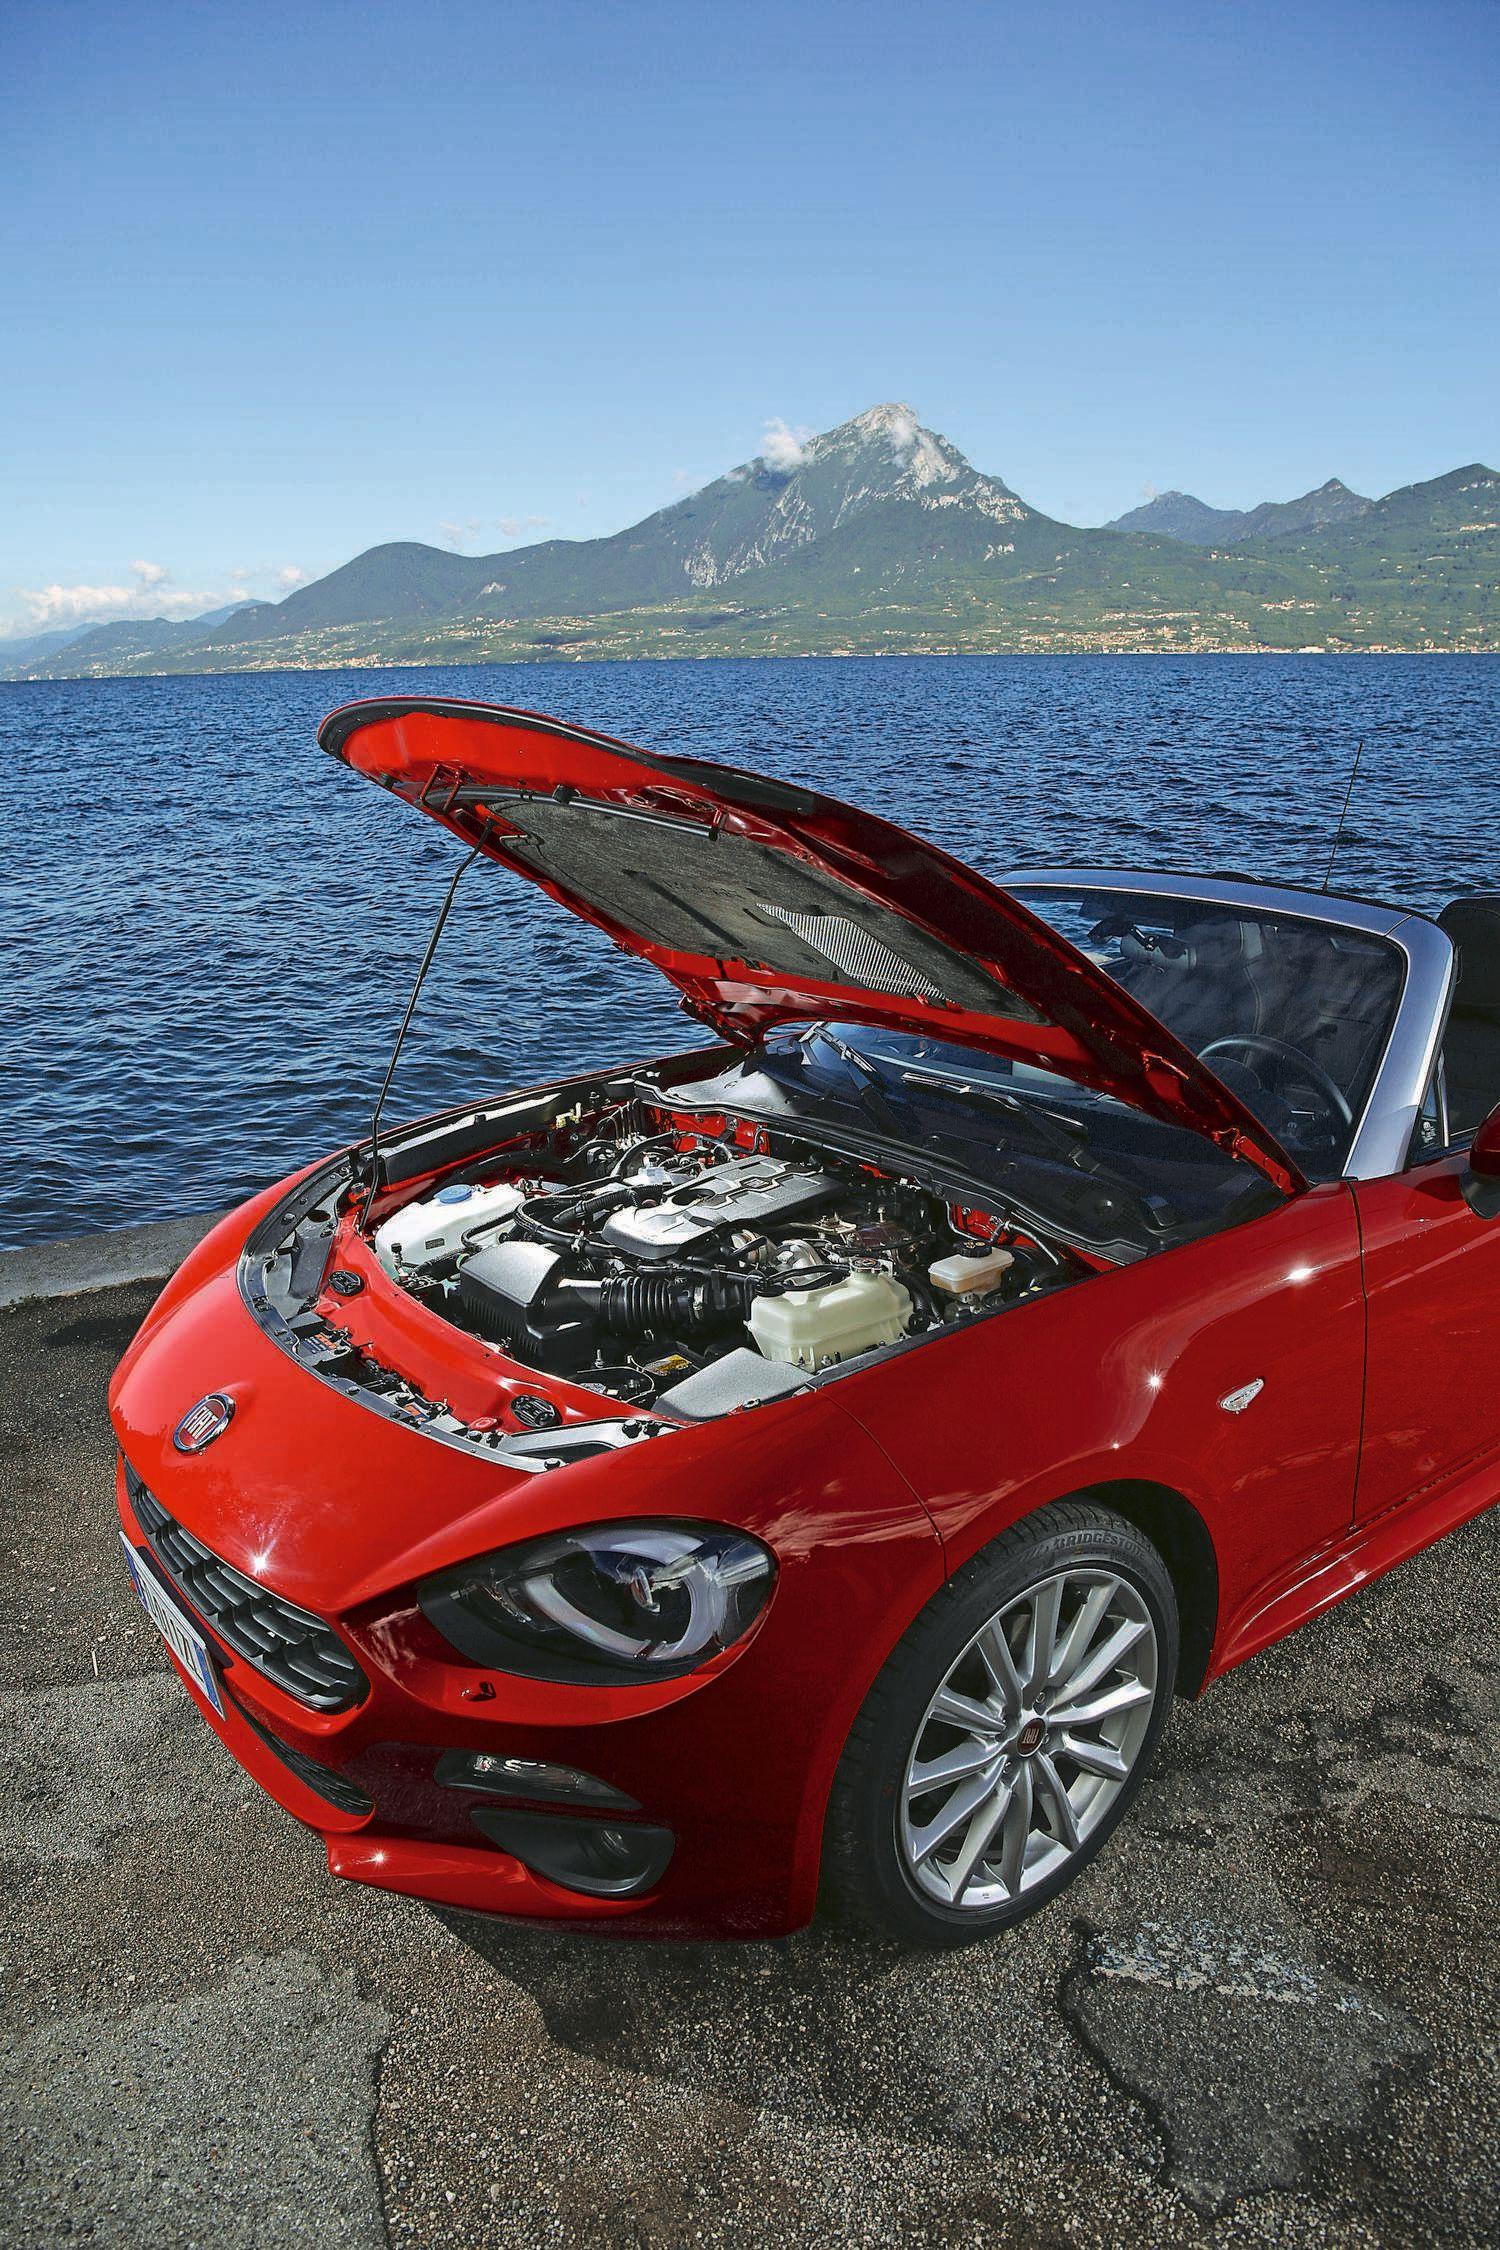 Élvezetes vezetni ezt a motort: a Fiat Multiair Turbója erős és közvetlen